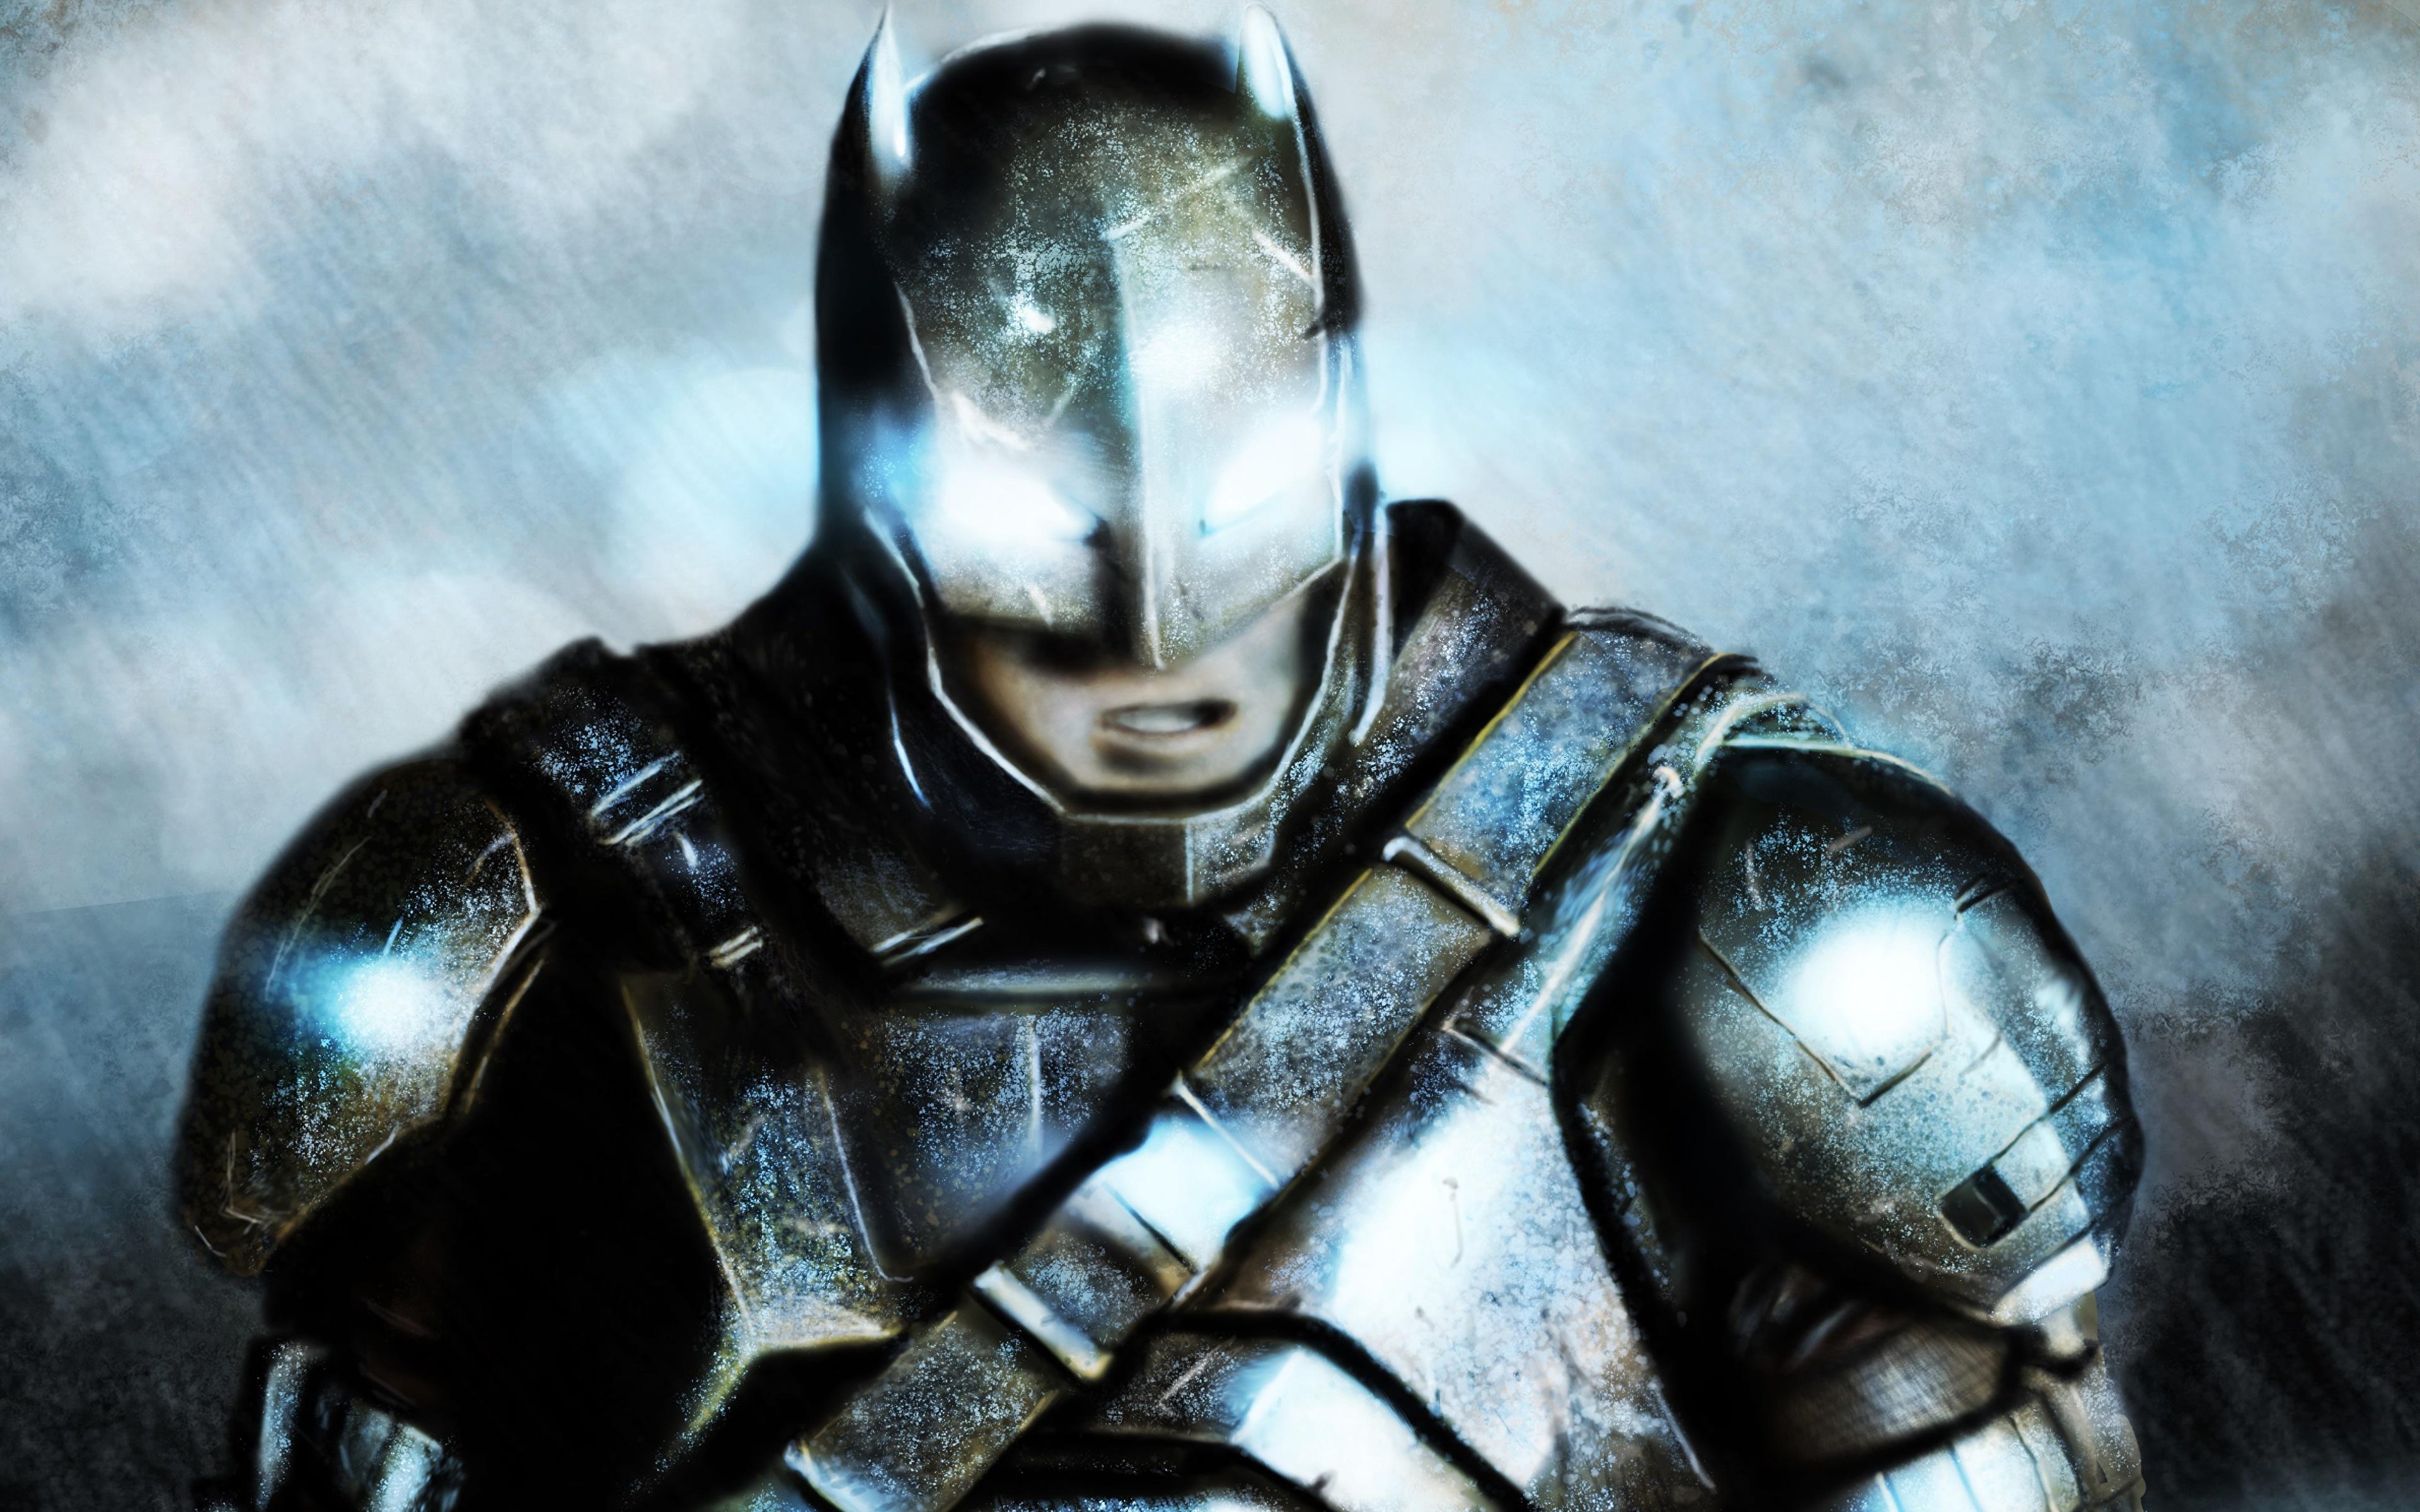 壁紙3840x2400描かれた壁紙バットマンバットマン Vs